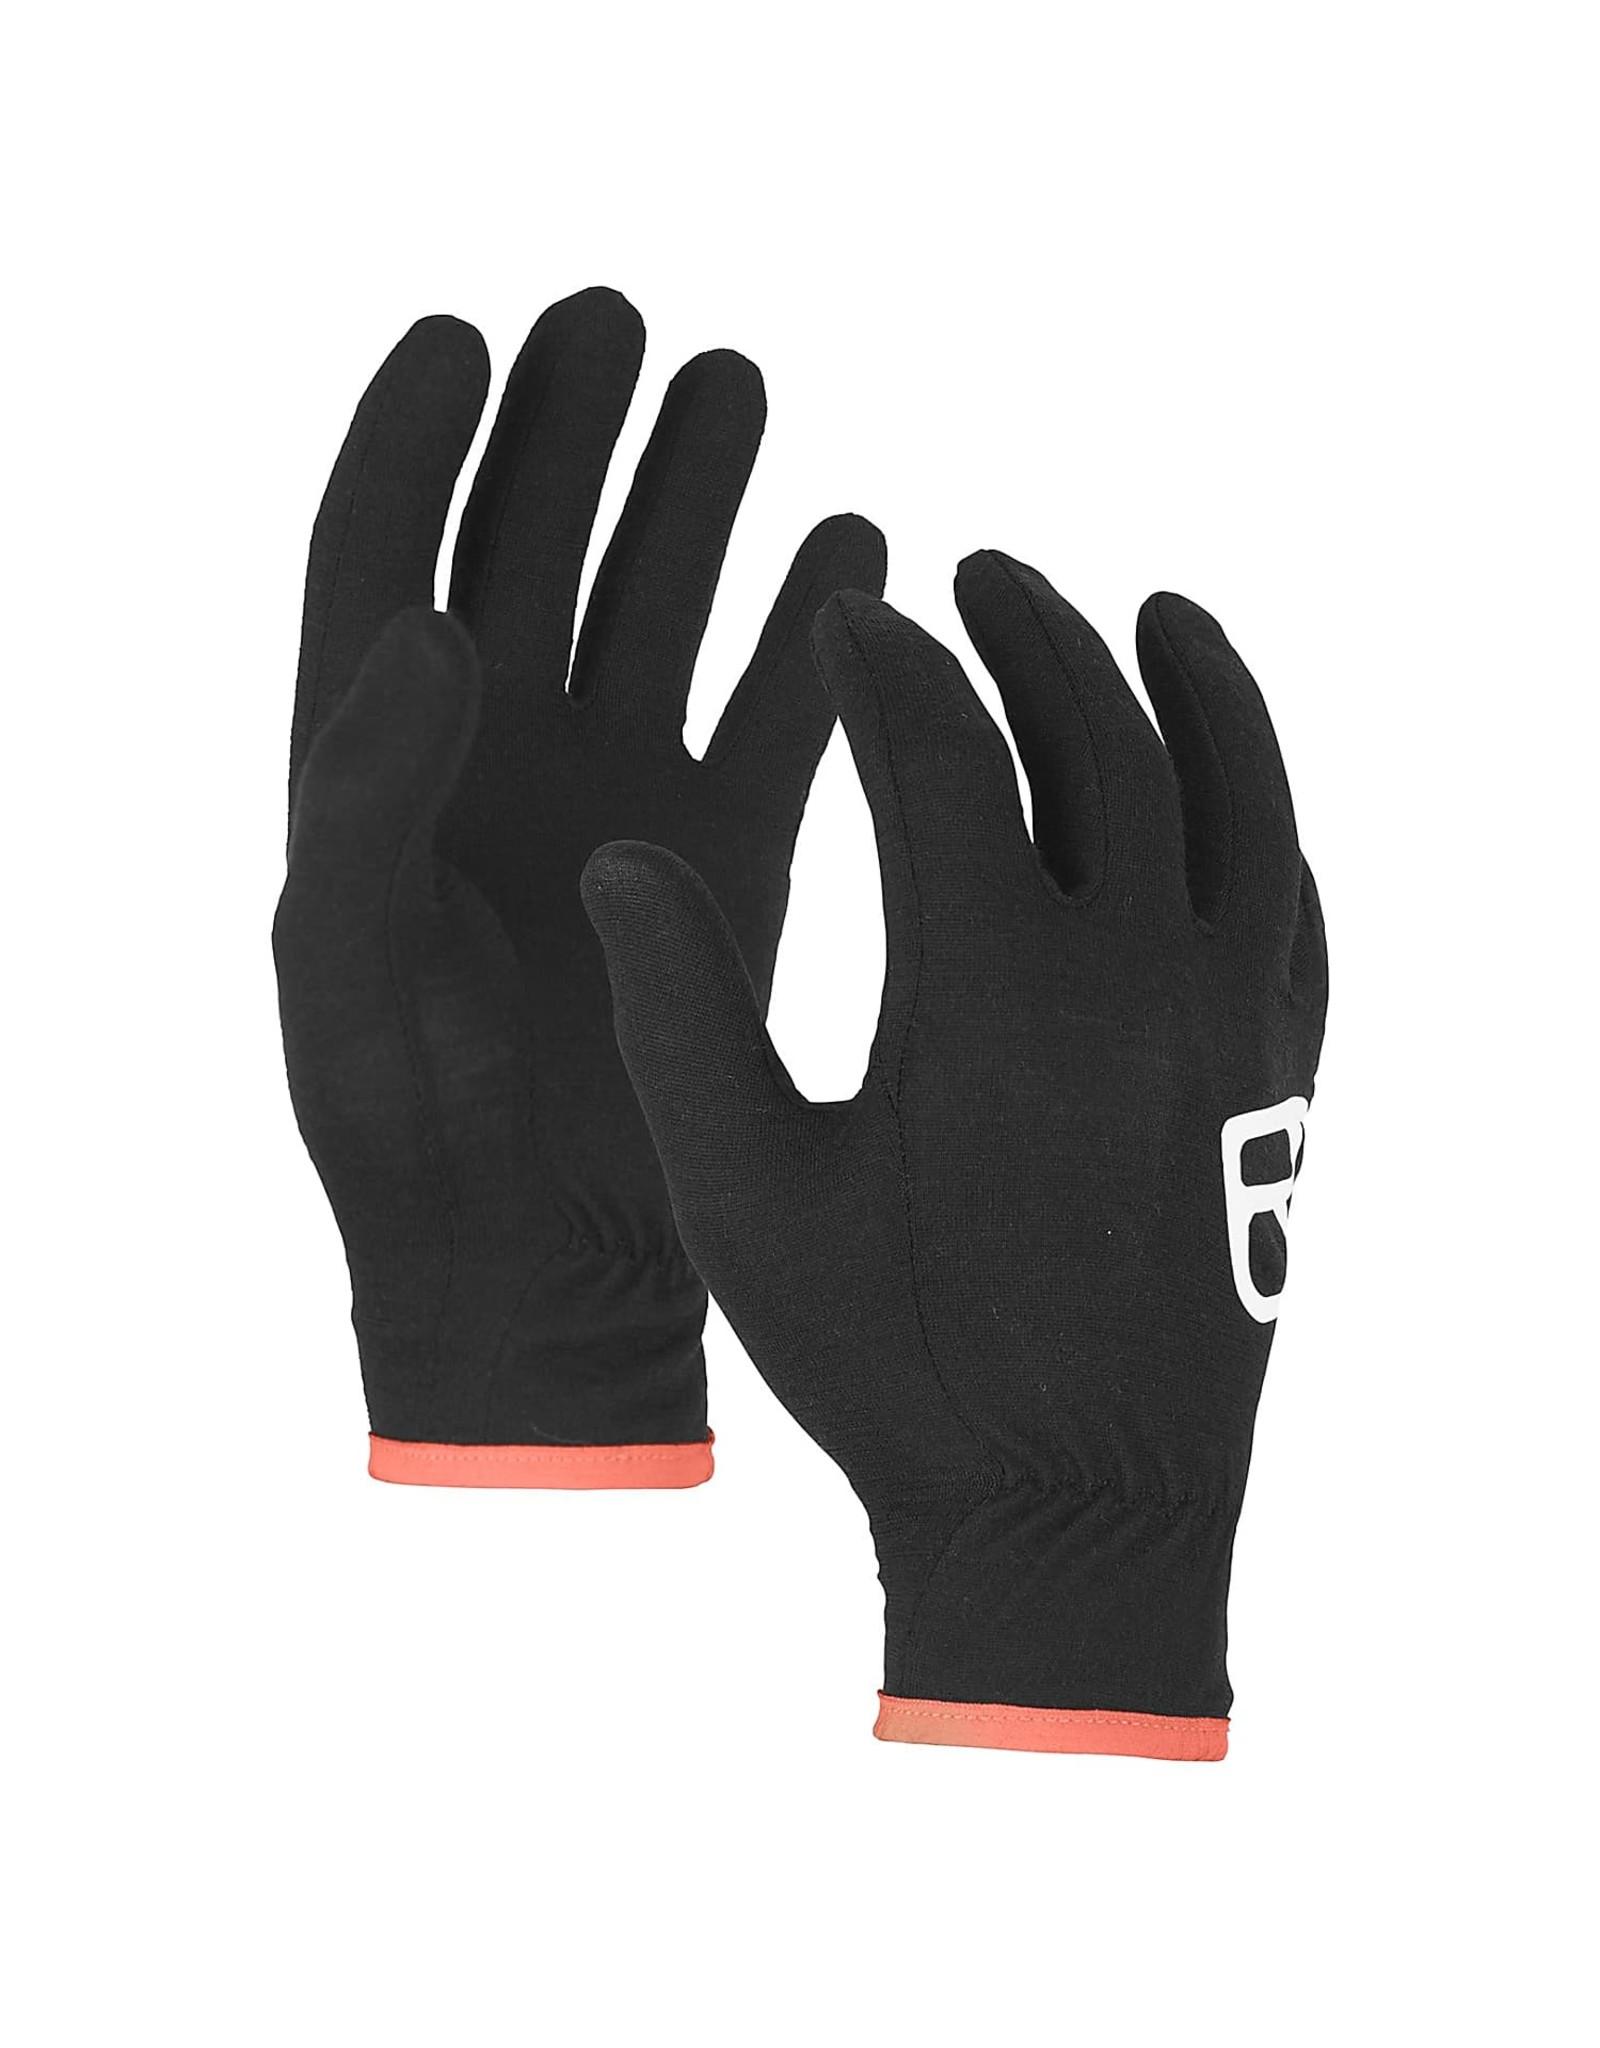 Ortovox Ortovox 145 Ultra Glove - Men